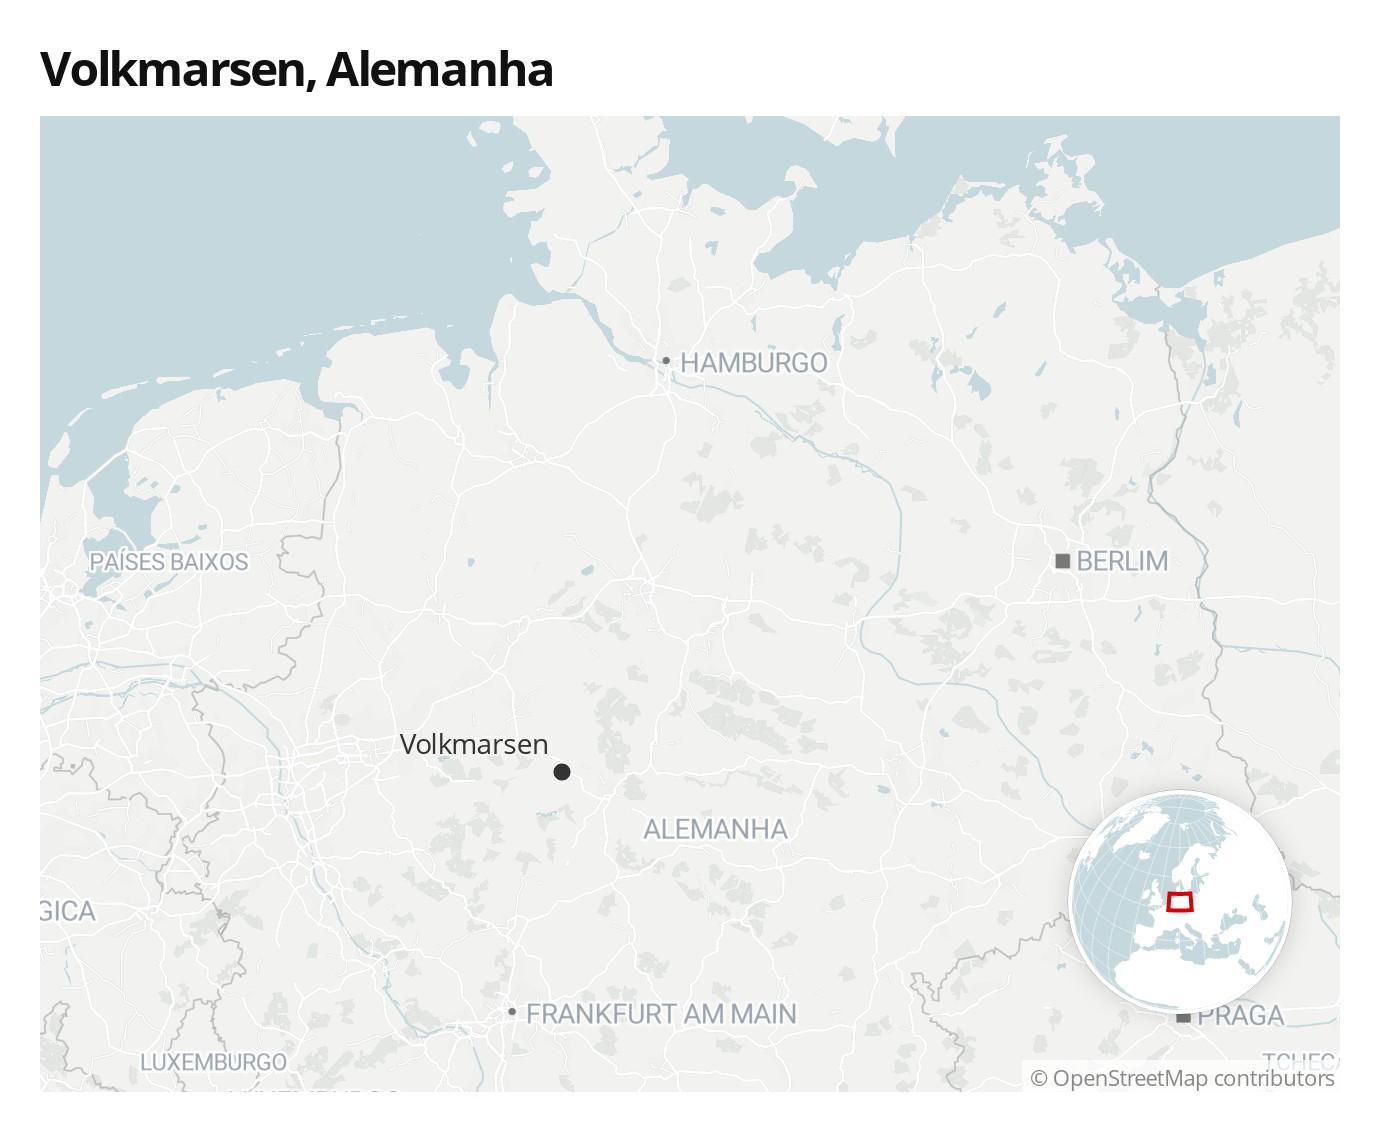 Carro atropela pessoas em desfile de carnaval na Alemanha, diz imprensa local